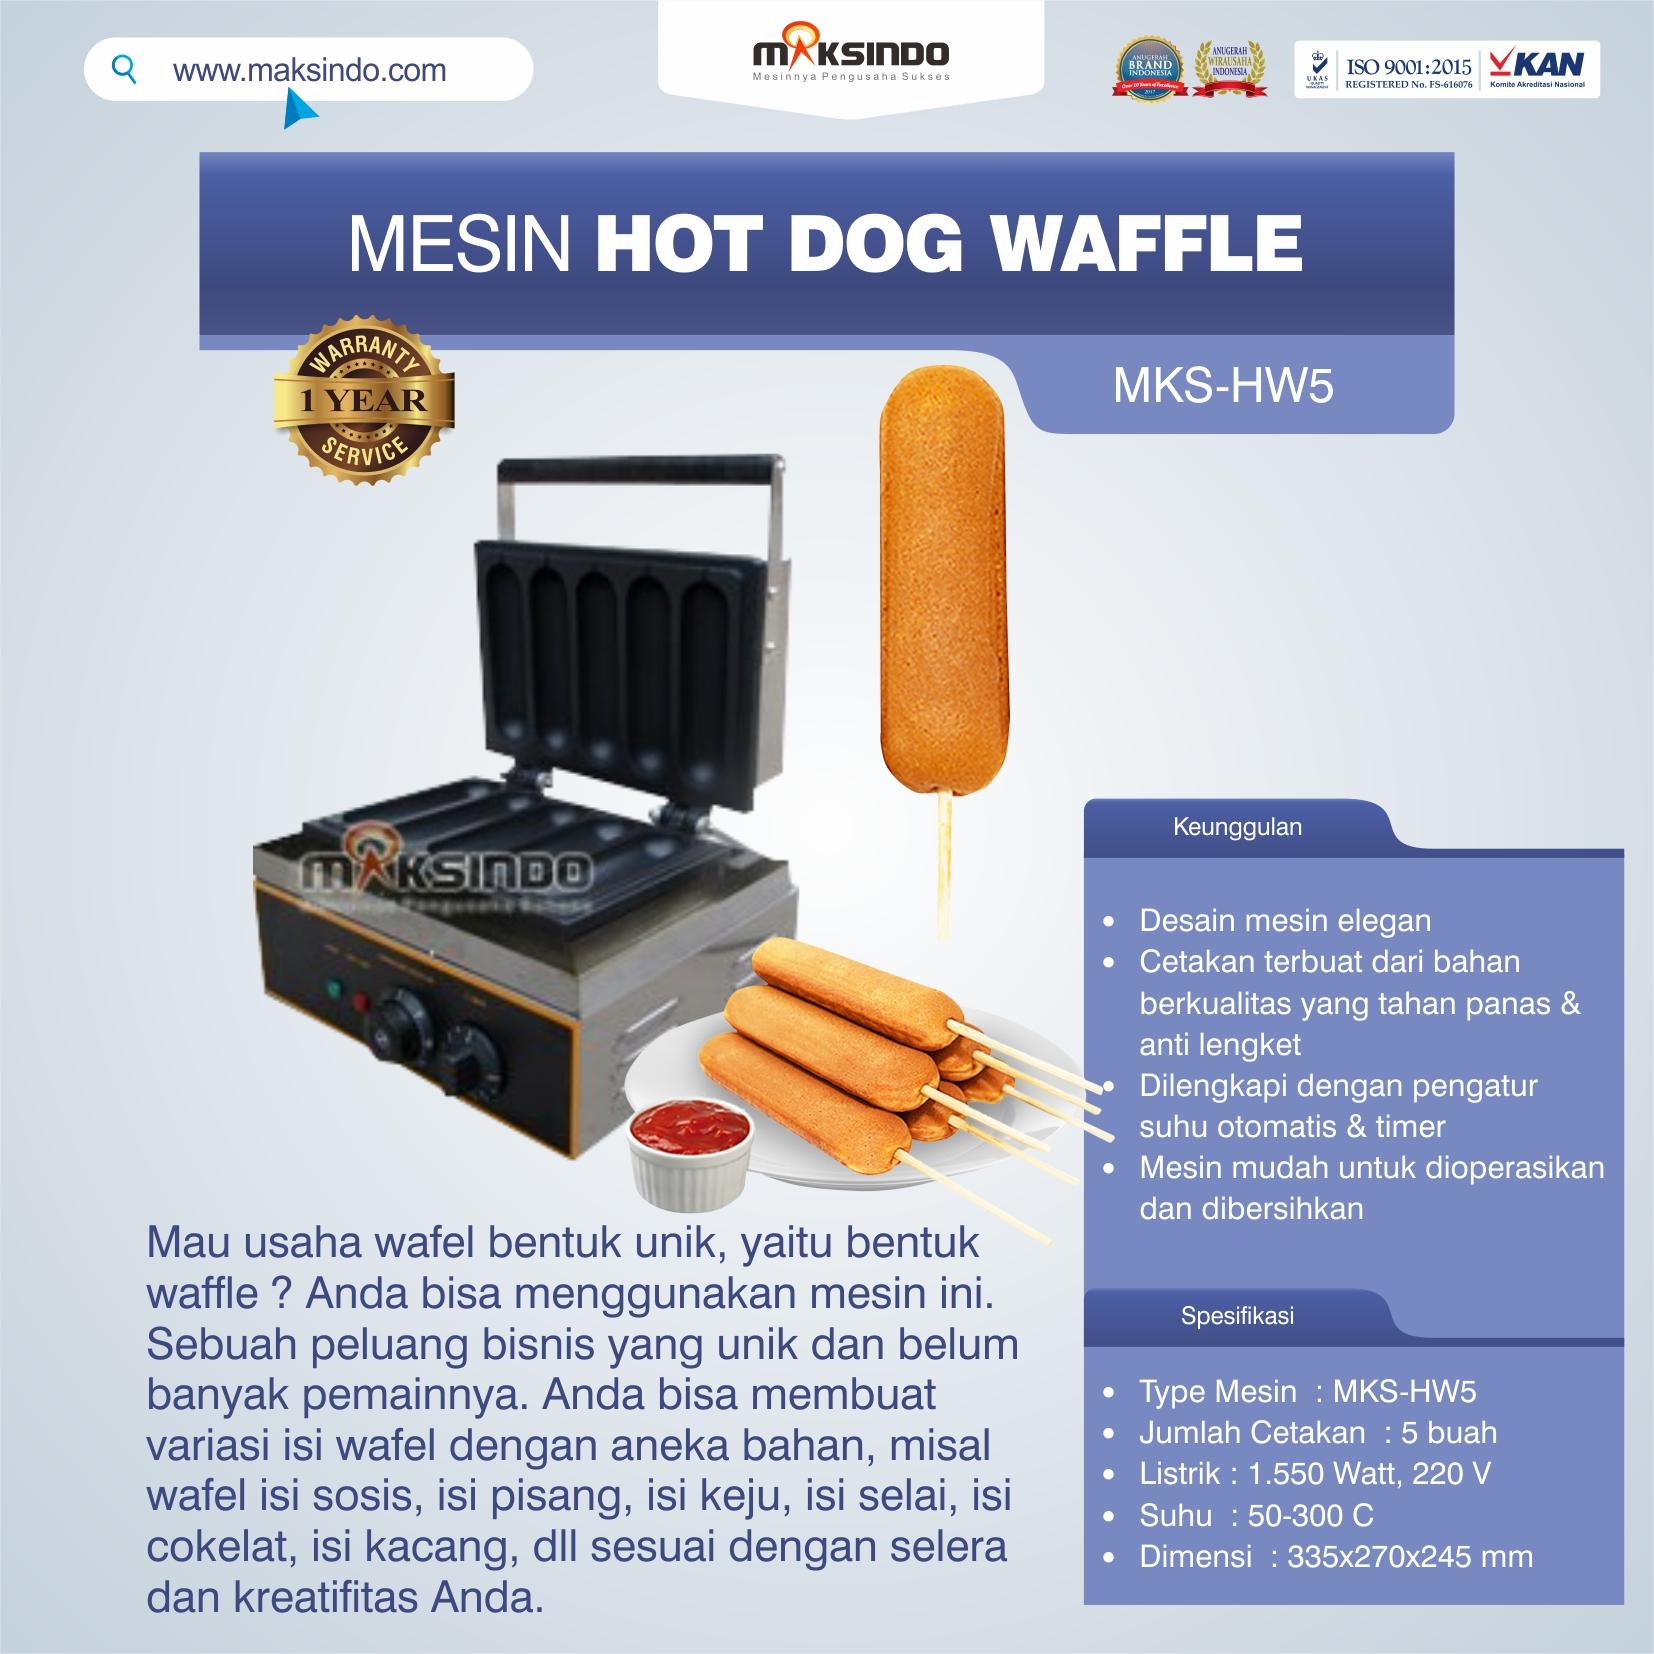 Jual Mesin Hot Dog Waffle MKS-HW5 di Semarang